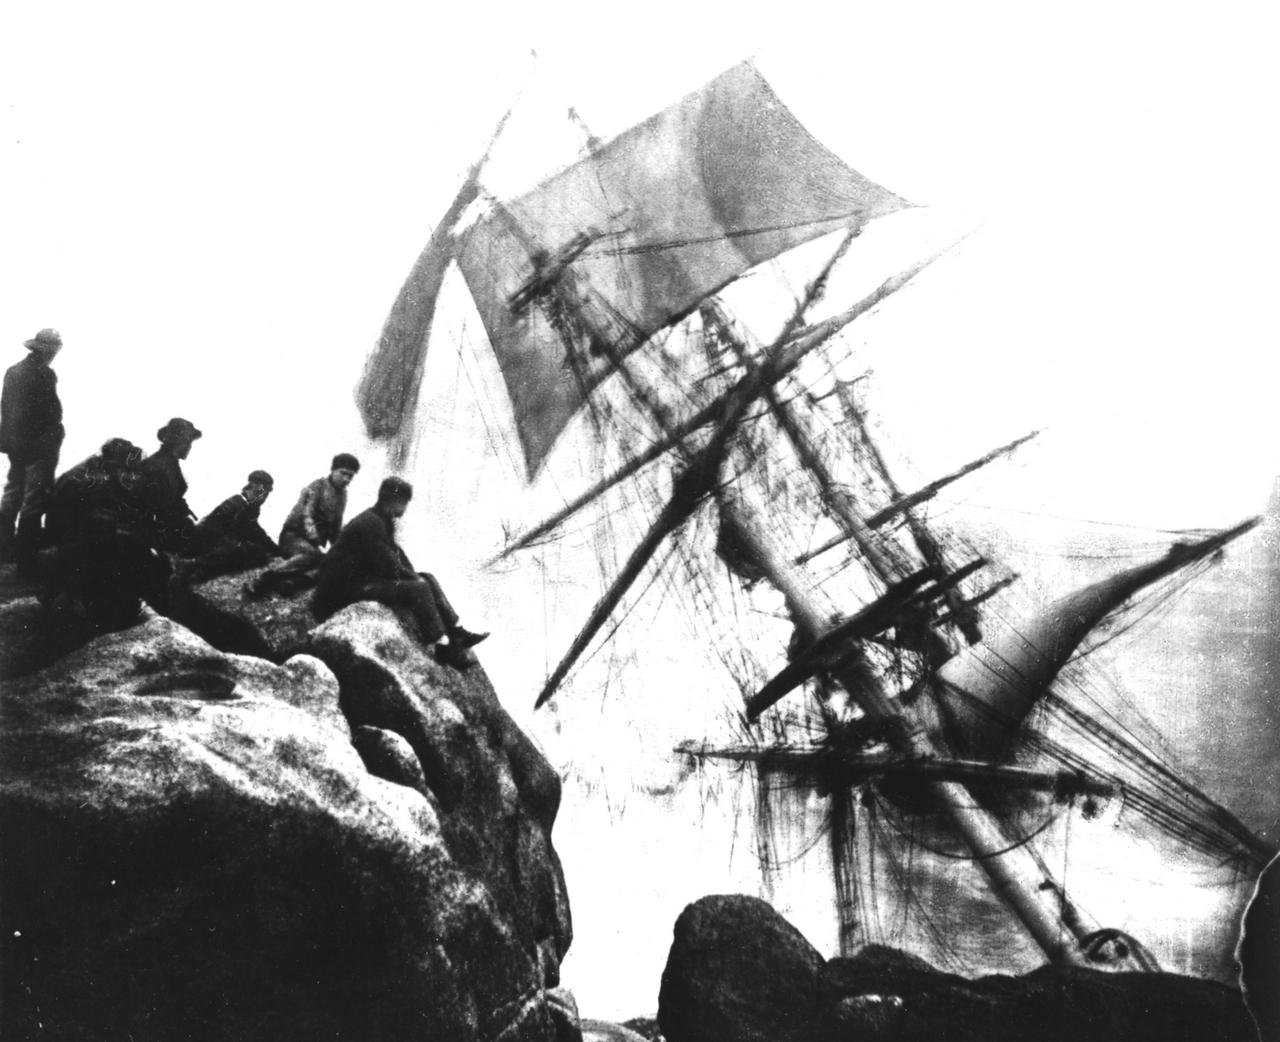 sothebysallasta-le-foto-storiche-di-grandi-naufragi-della-collezione-gibsons-of-scilly_0_1007